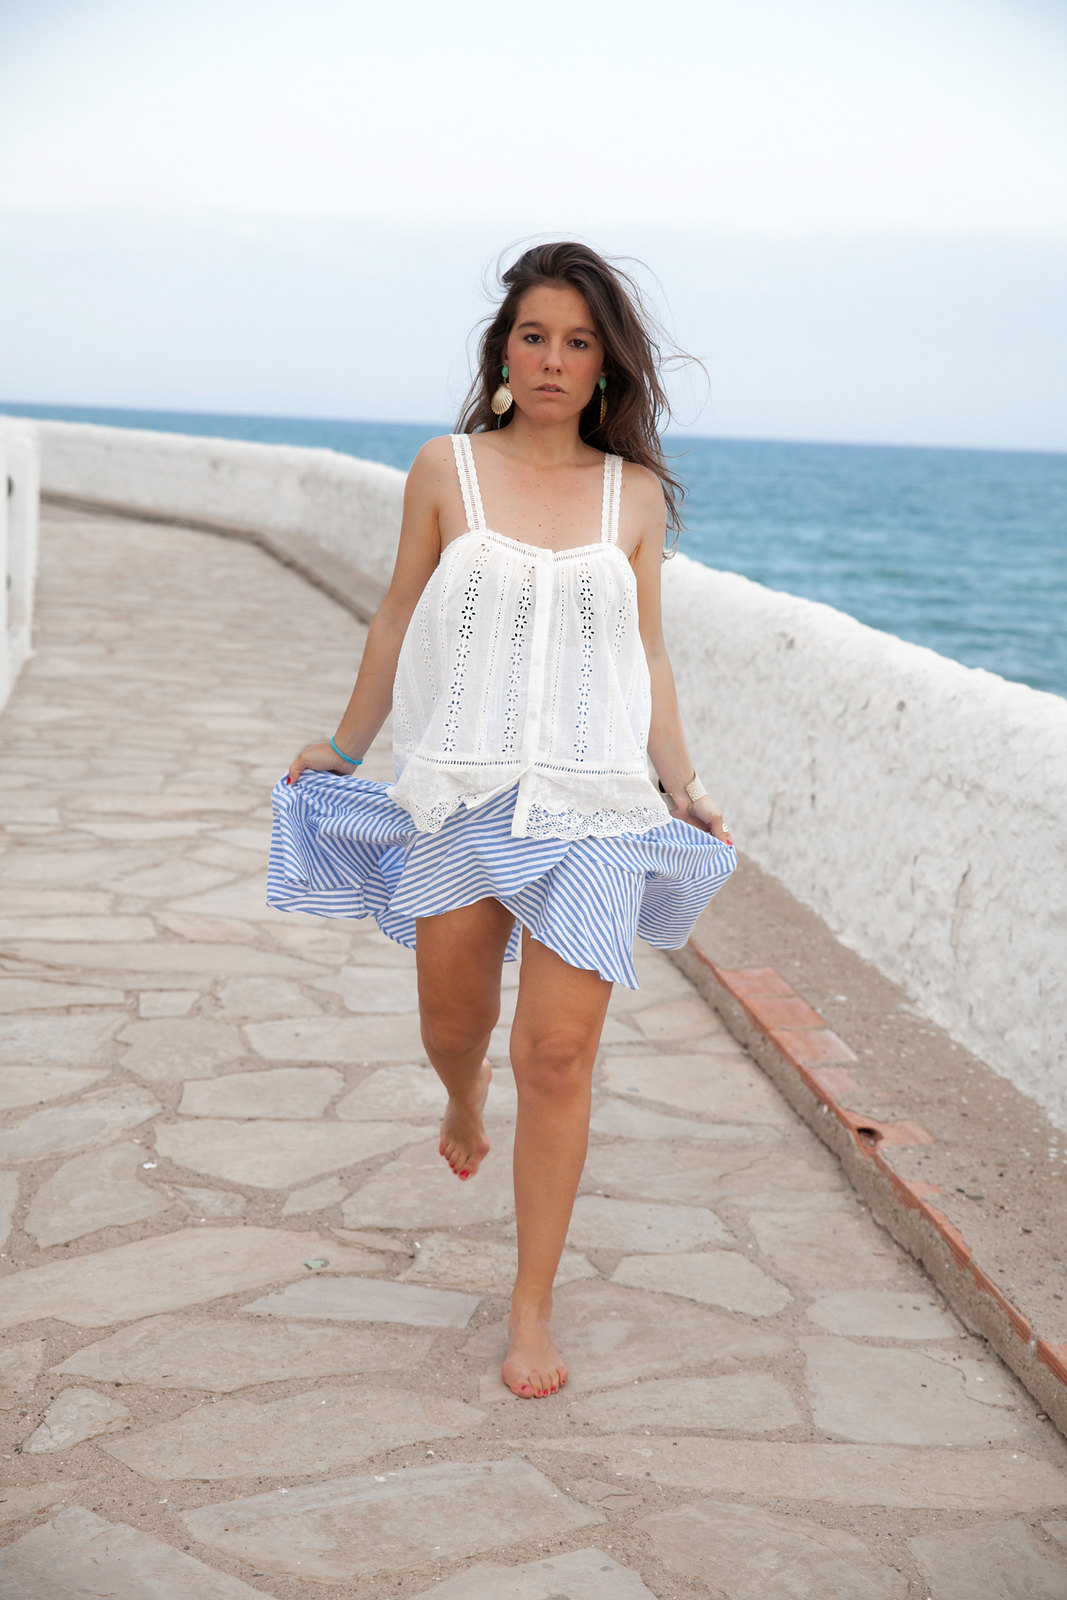 El look perfecto de verano para una Mediterranean Girl cubelles theguestgirl laura santolaria